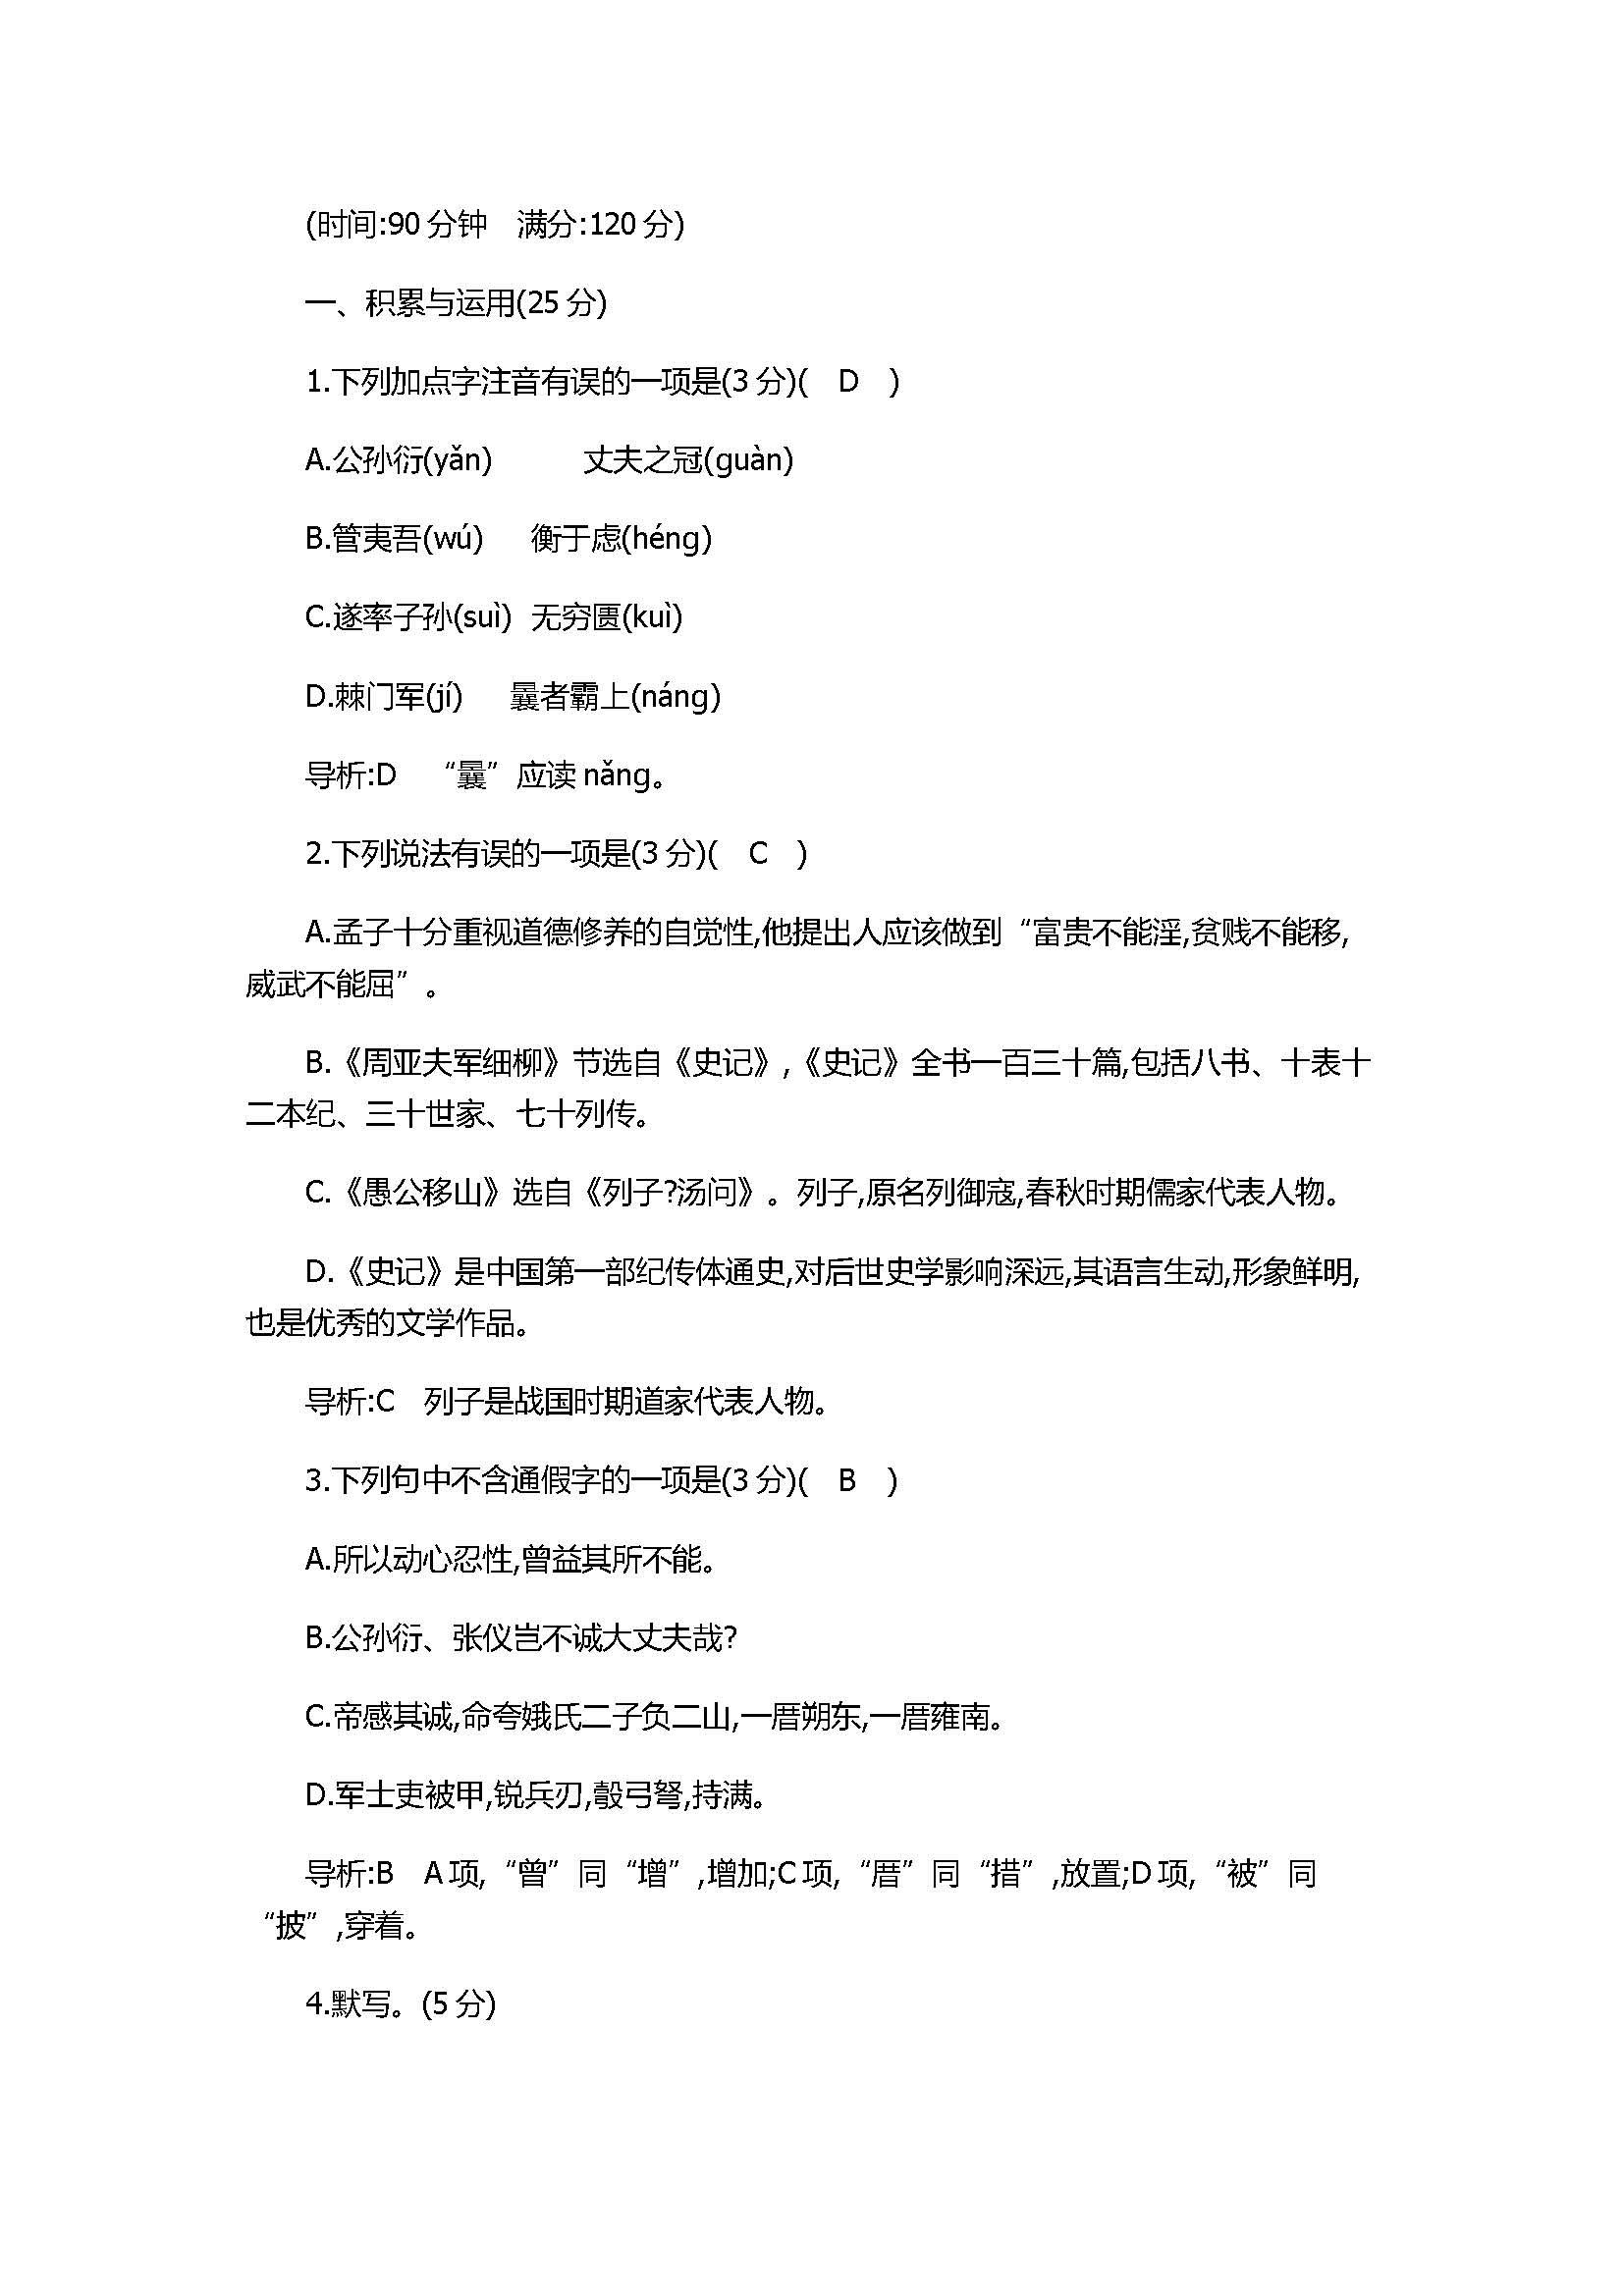 2017八年级语文上册单元试卷附参考答案(部编版)